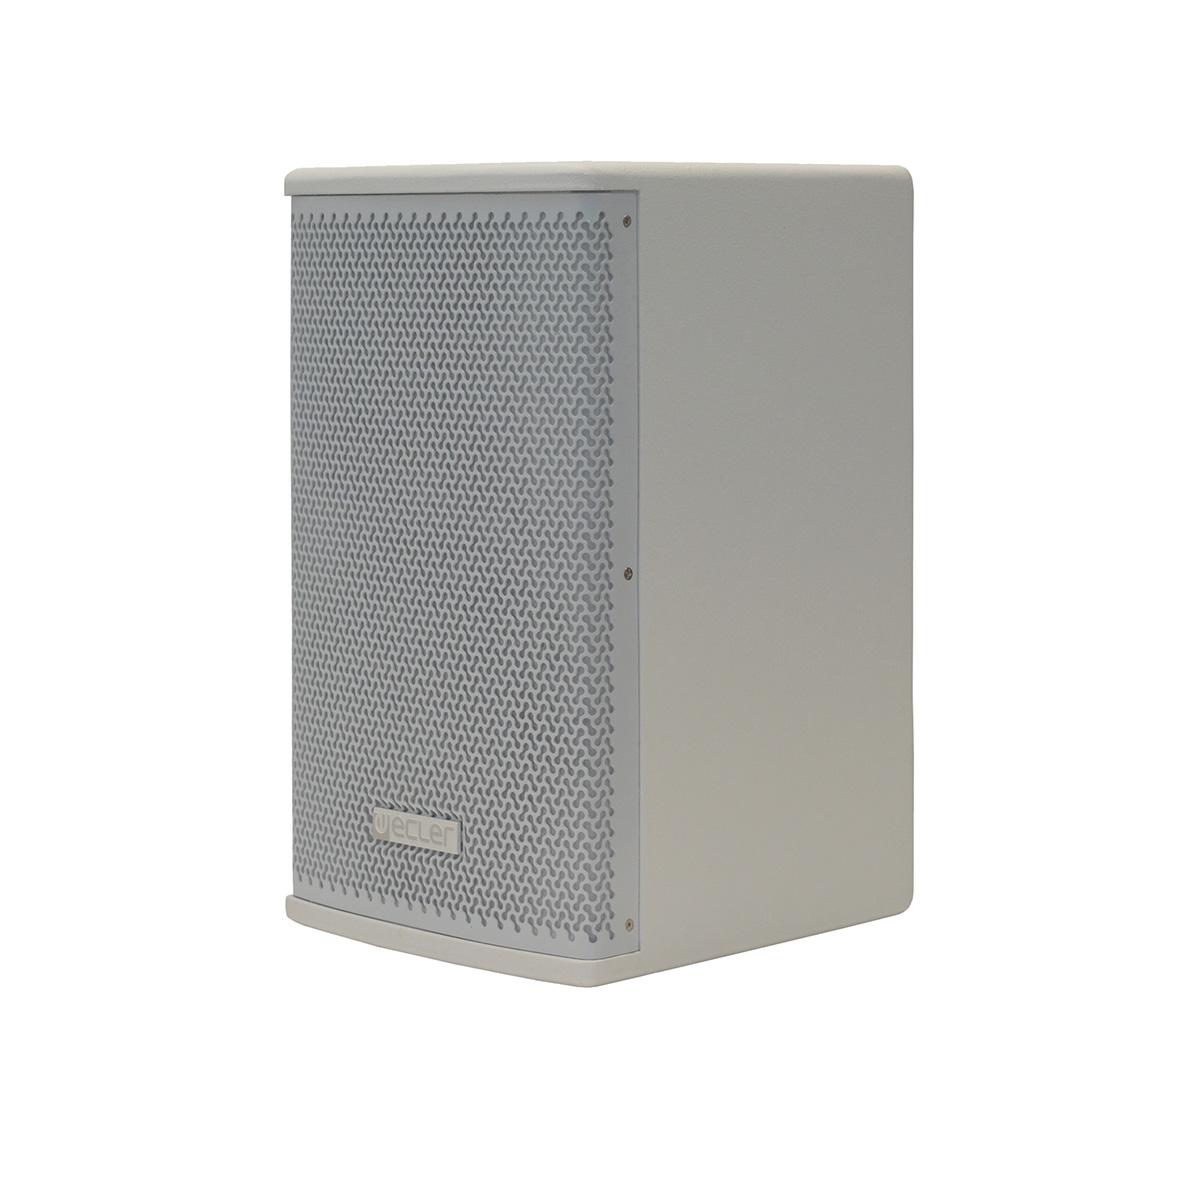 Ecler ARQIS 106WH - Двухполосная настенная акустическая система 6.5'', 120–240 Вт/8 Ом